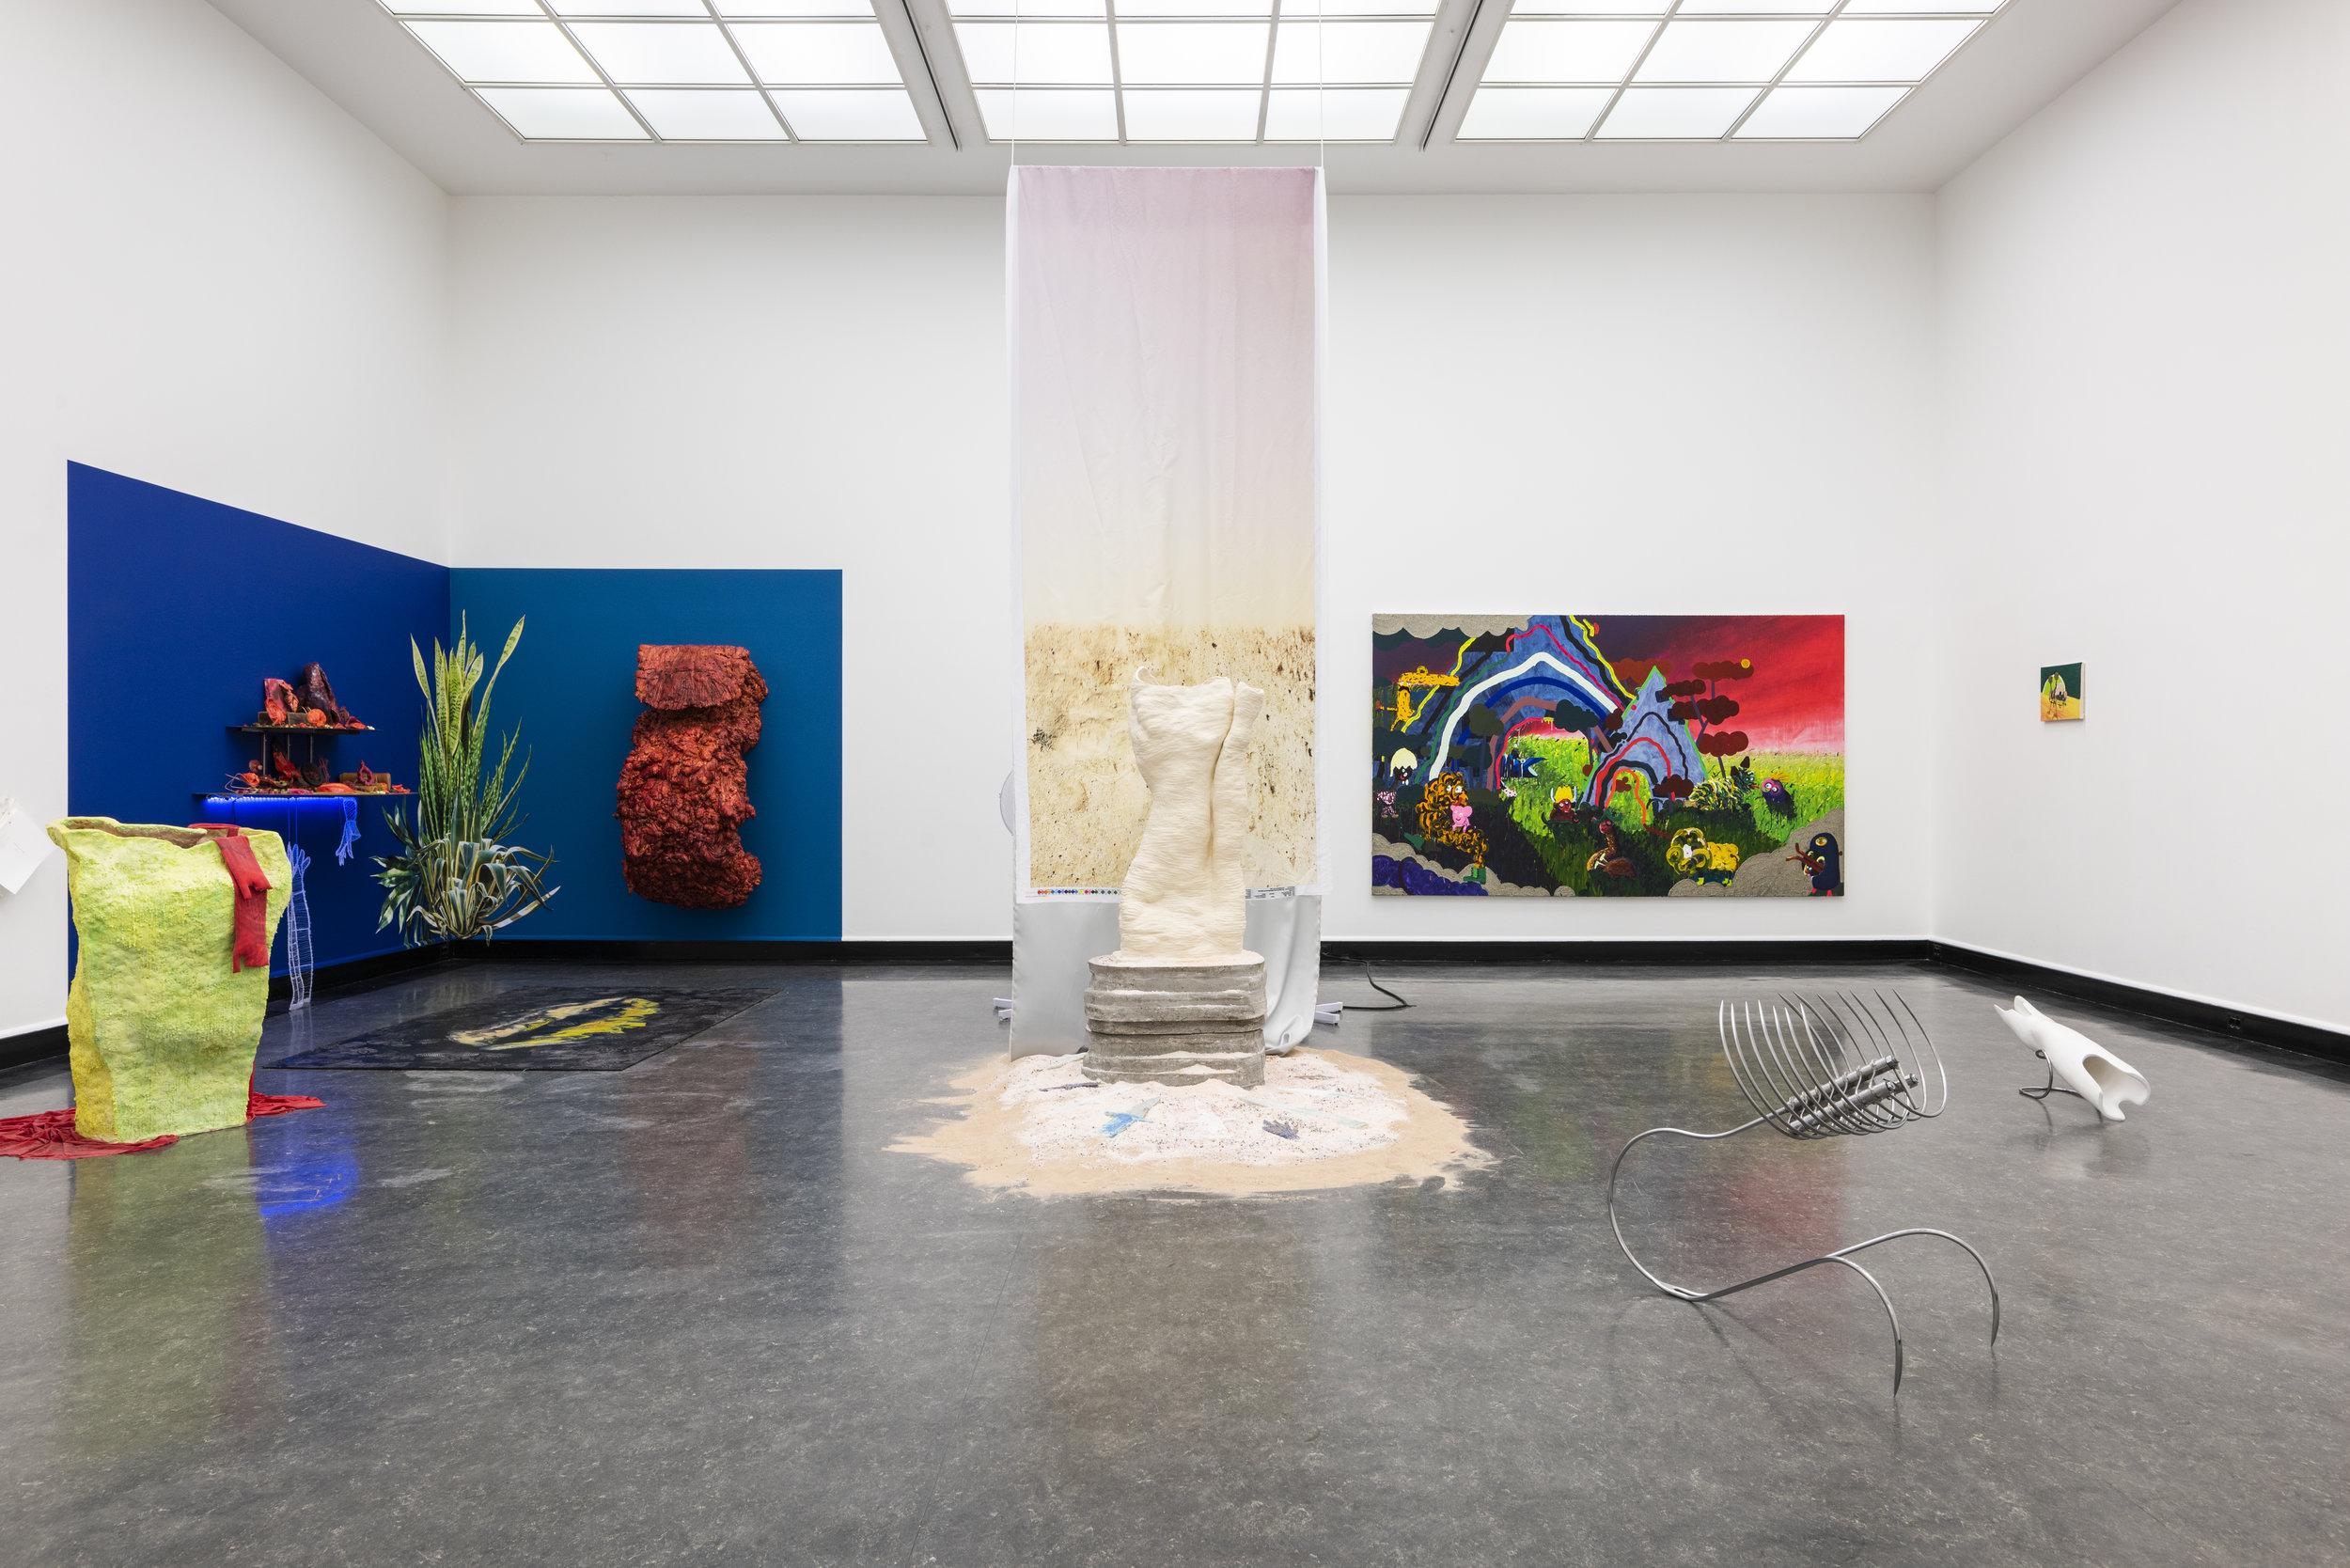 Installasjonsbilde av utstillingen  with eyes closed, call me  i Bergen Kunsthall. Foto: Jane Sverdrupsen